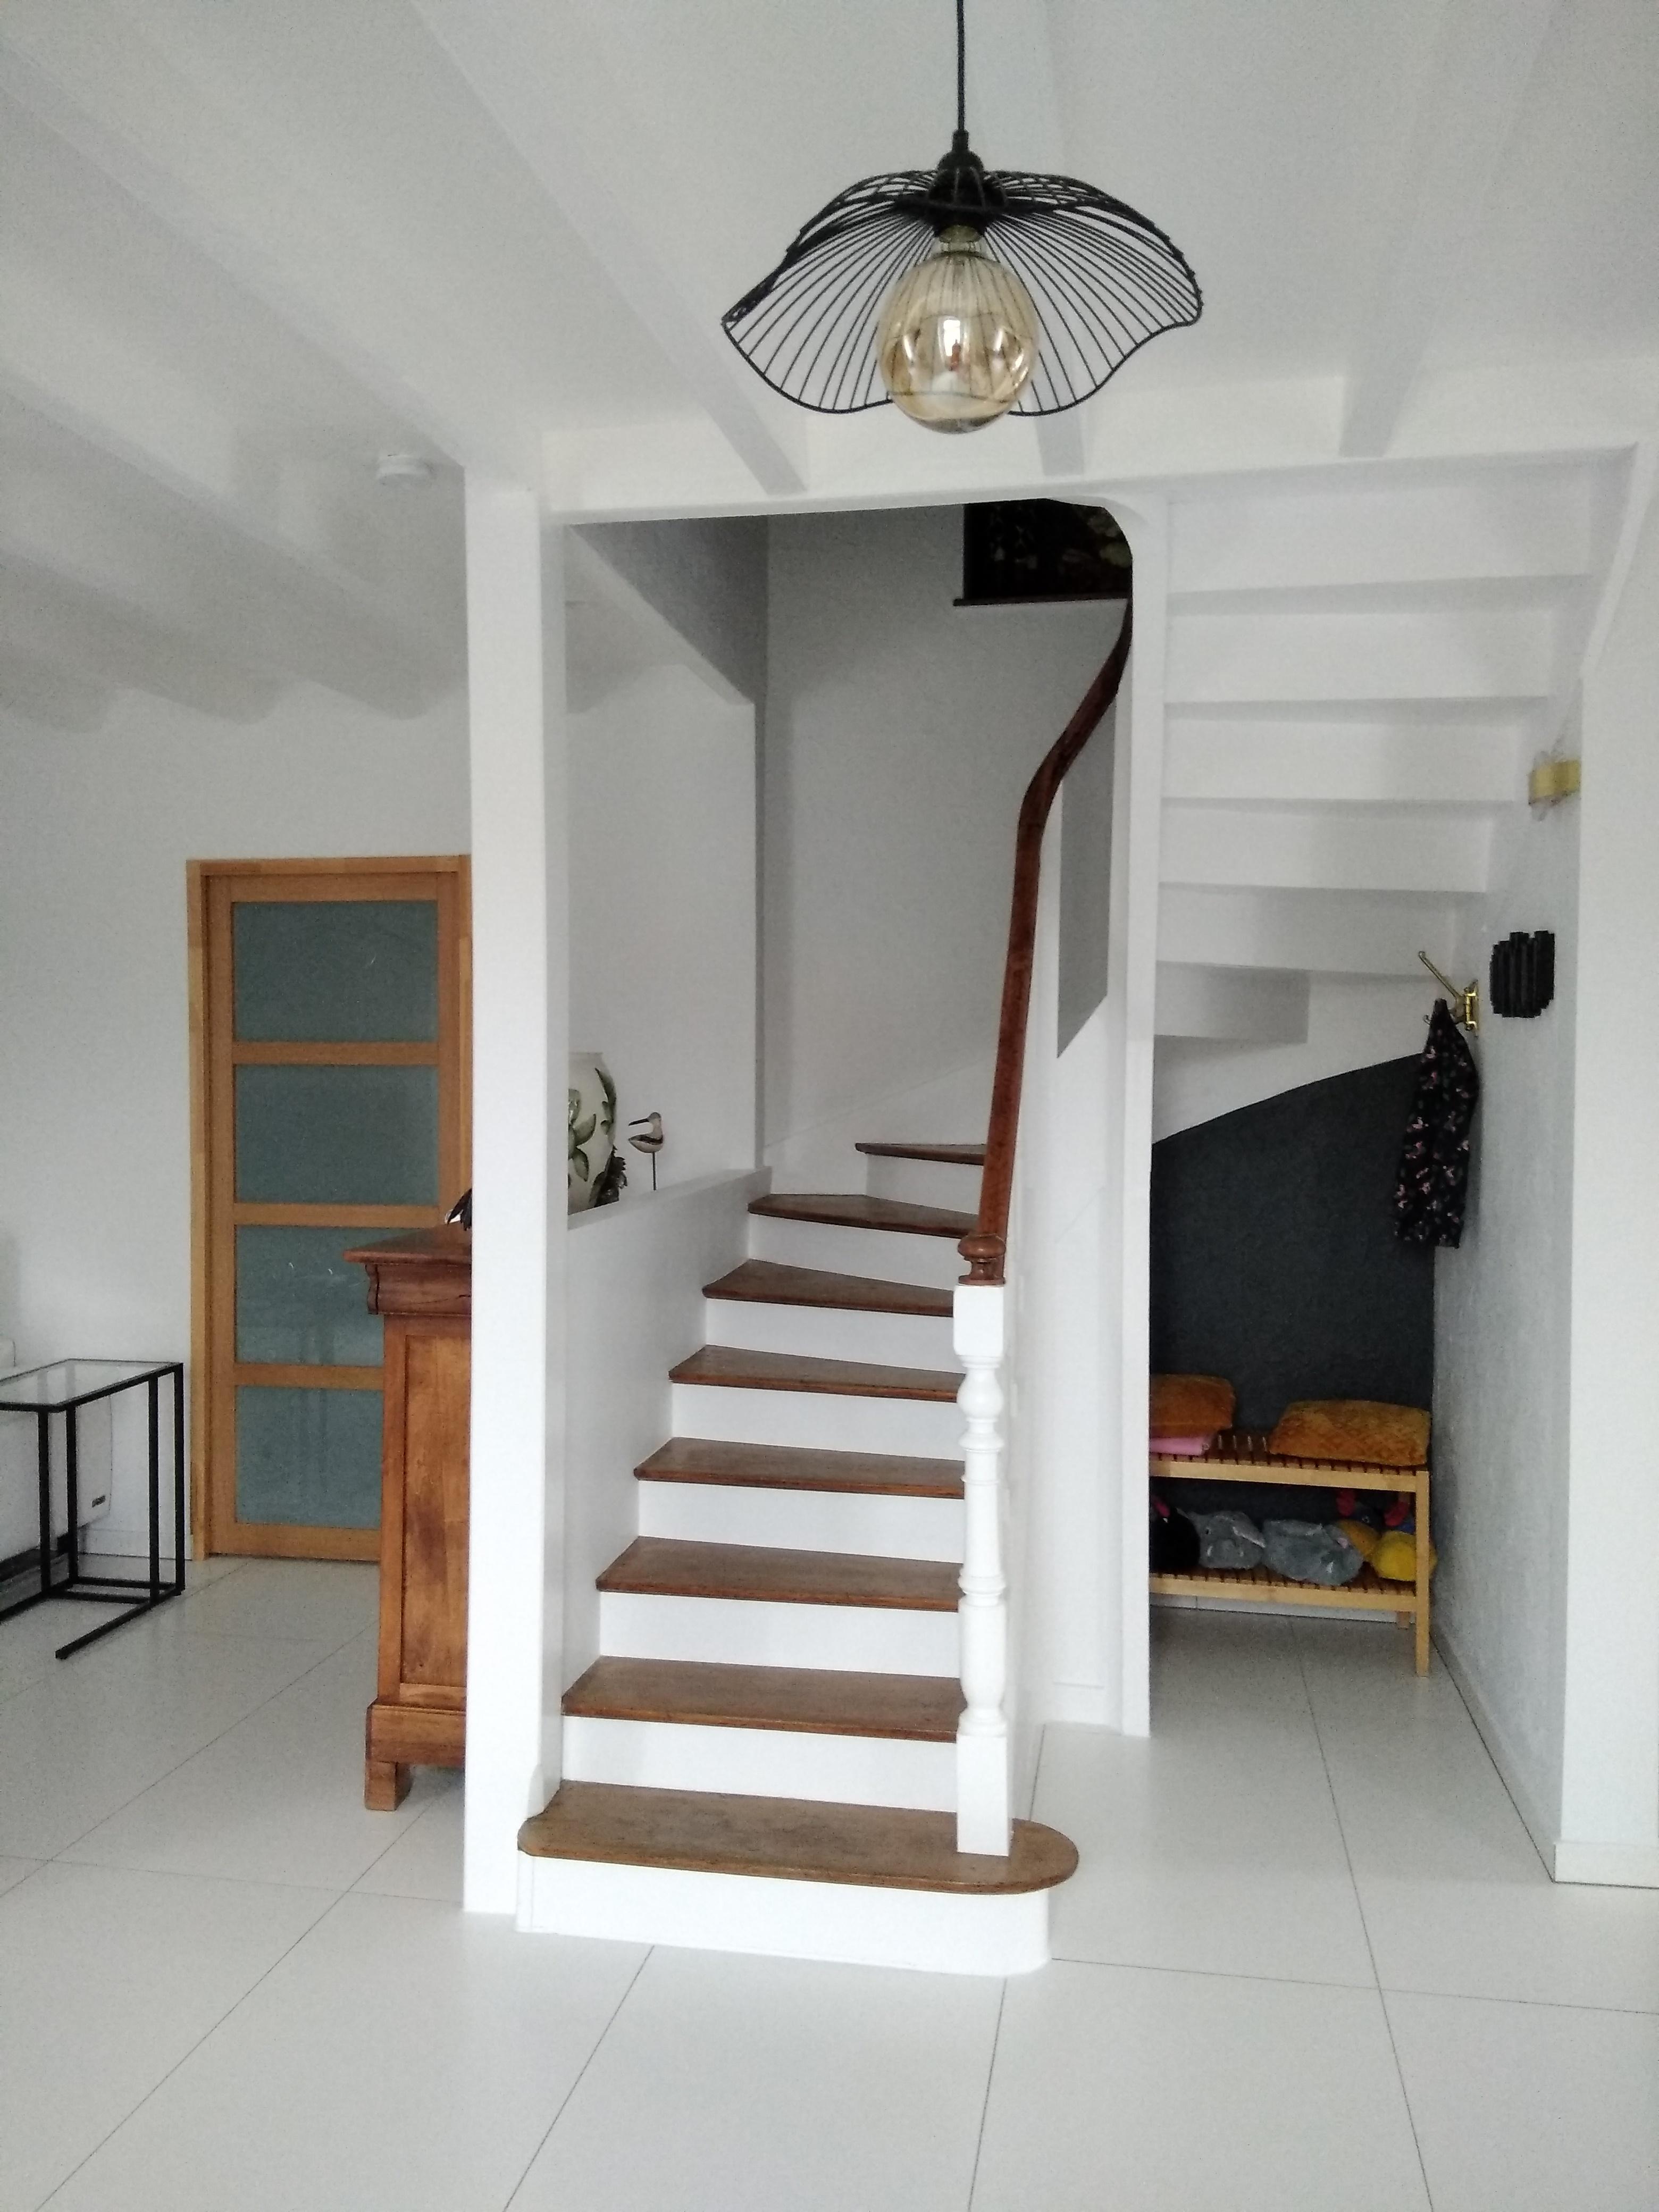 Escalier repensé en bois et blanc